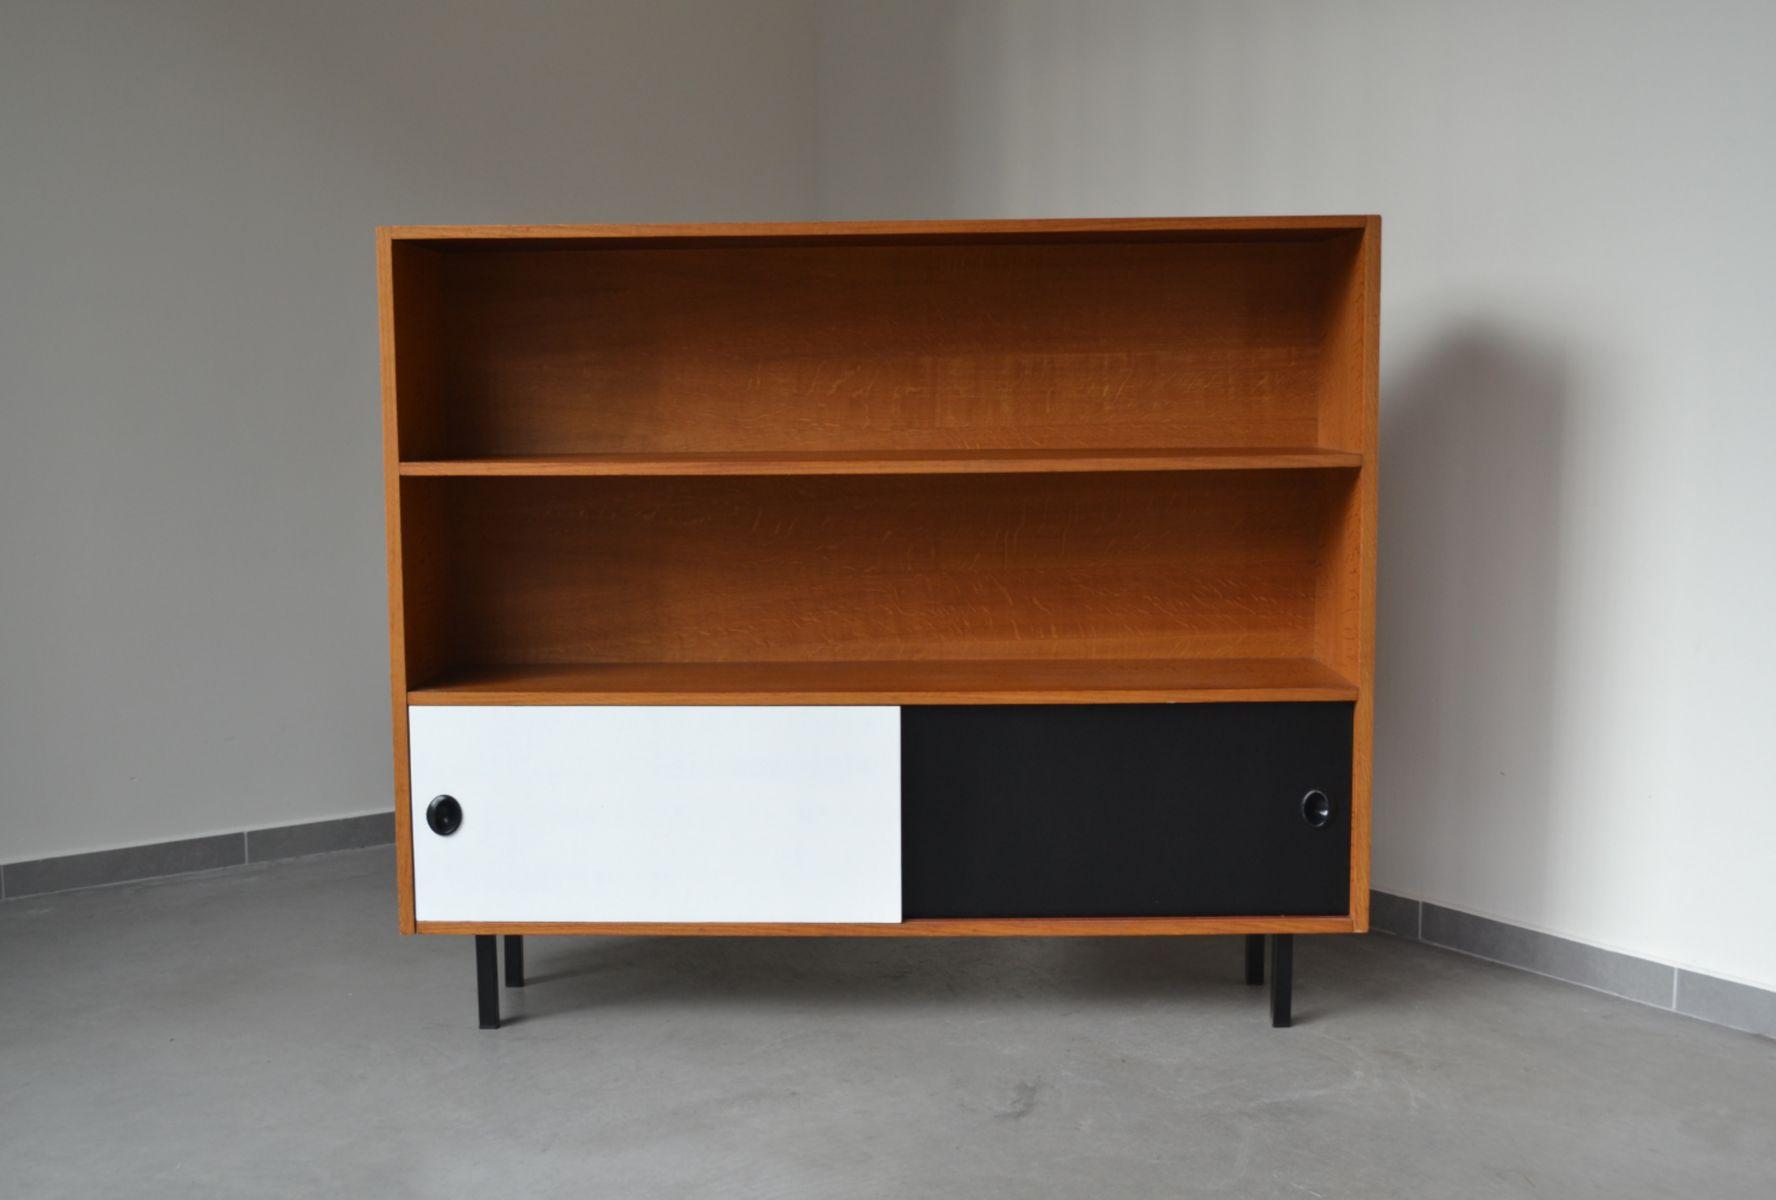 meuble de rangement vintage danemark 1970s en vente sur pamono. Black Bedroom Furniture Sets. Home Design Ideas